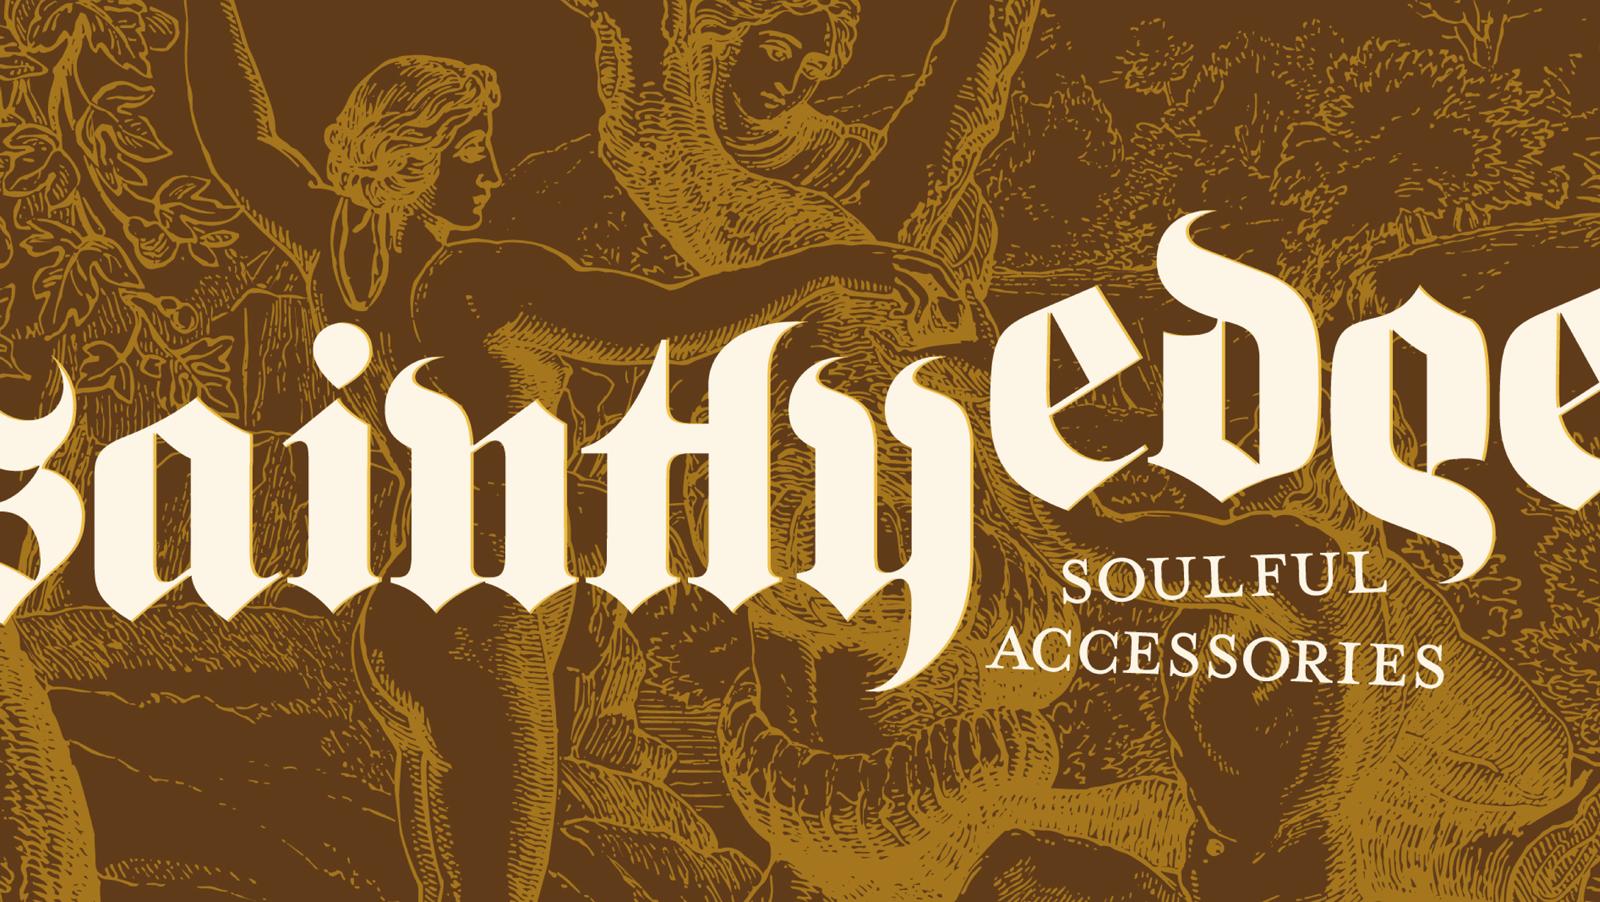 saintly-edge-name-tagline.png